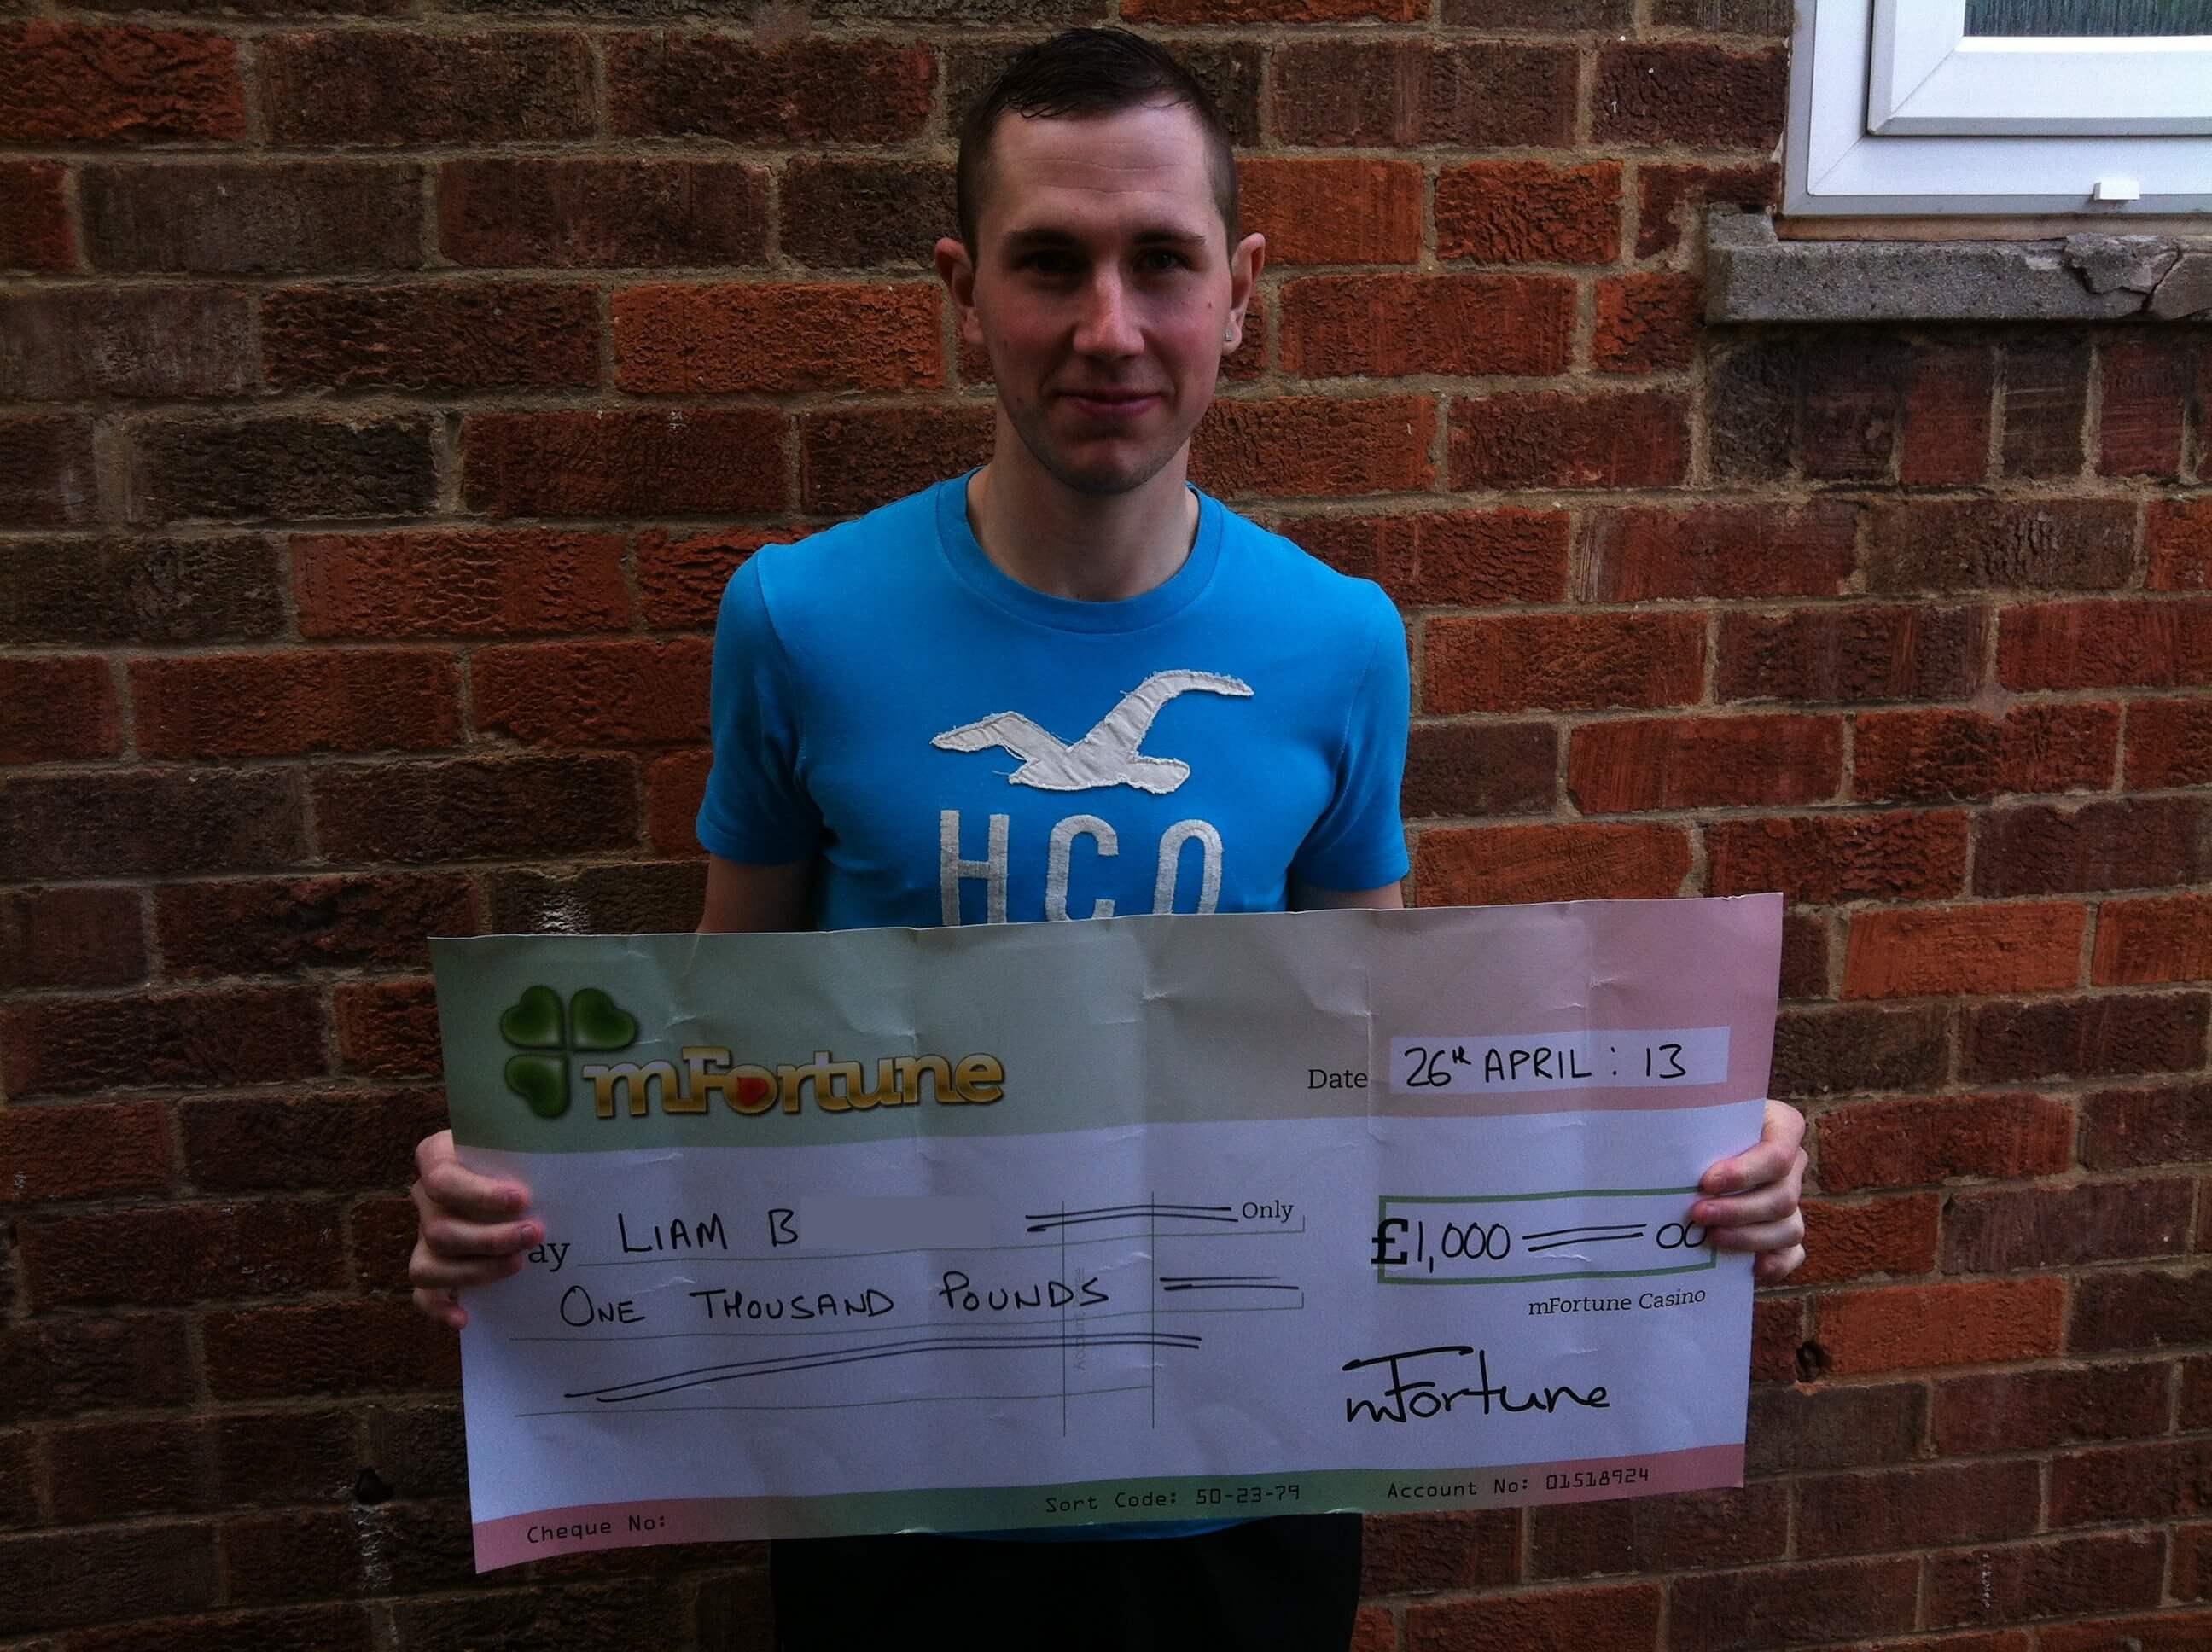 Liam B won £ 1,000